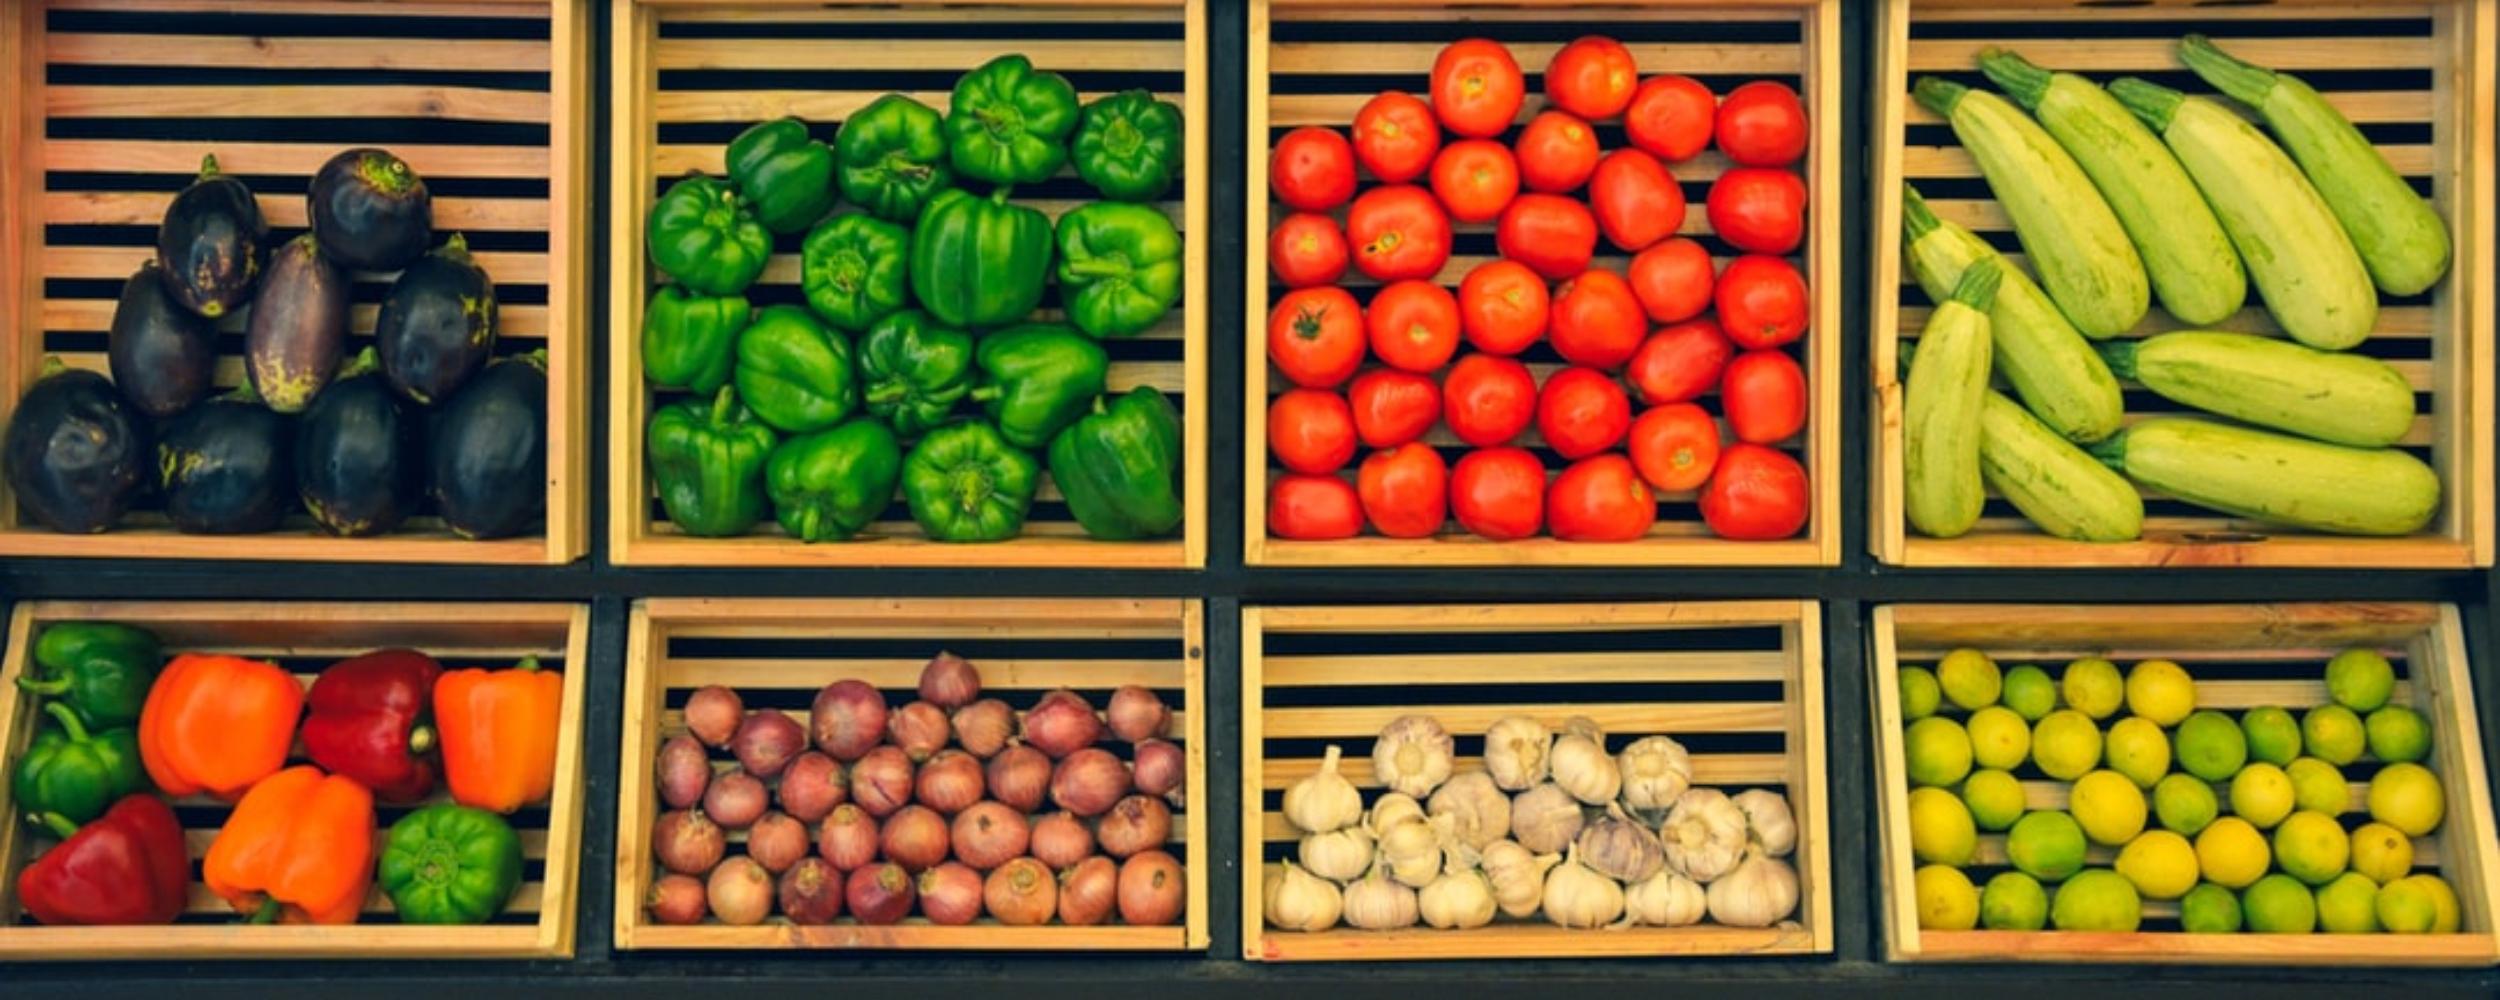 La unión de los consumidores, pieza clave para conseguir una alimentación saludable y sostenible con el planeta